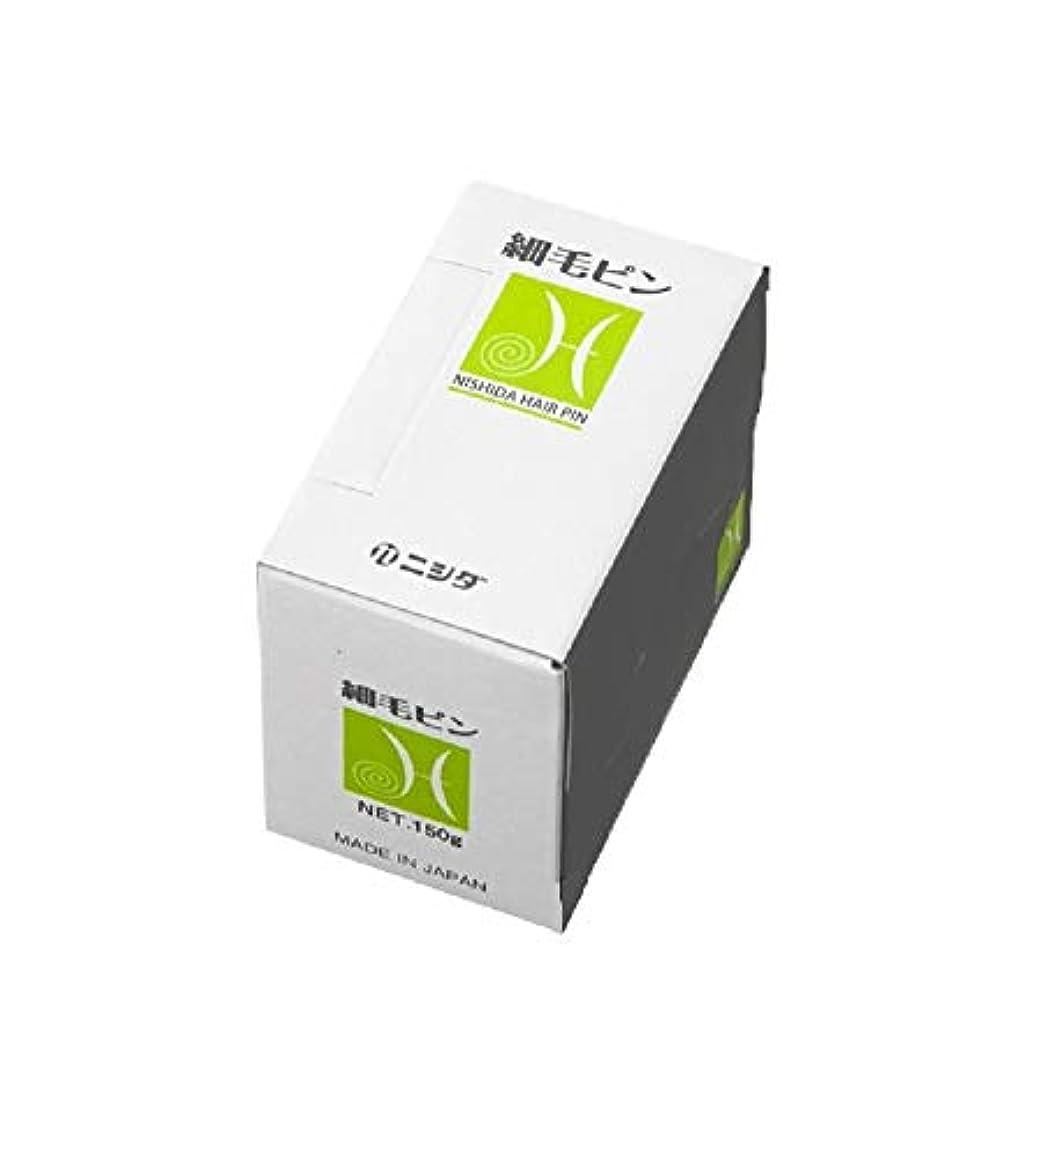 マットレス粘性の強いNヘアピン 細毛ピン 150g